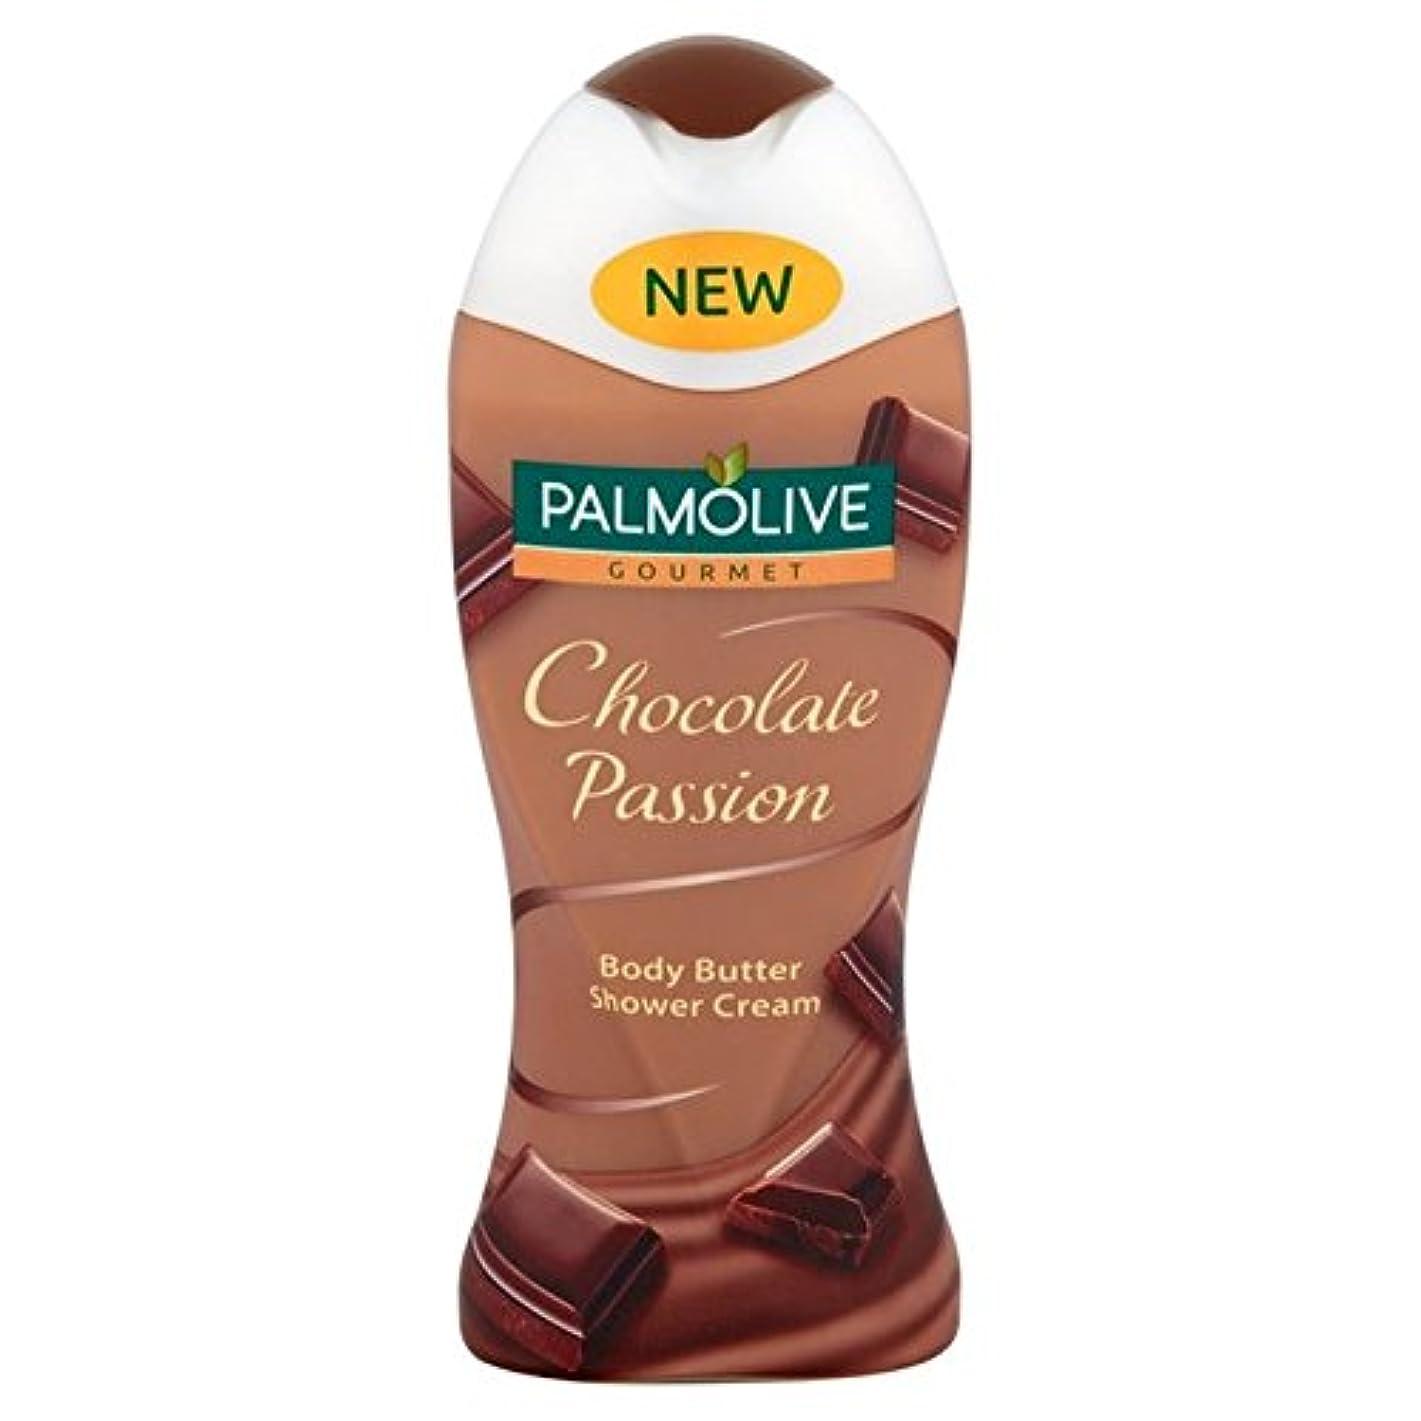 八百屋さん贅沢な努力パルモグルメチョコレートシャワージェル250ミリリットル x4 - Palmolive Gourmet Chocolate Shower Gel 250ml (Pack of 4) [並行輸入品]